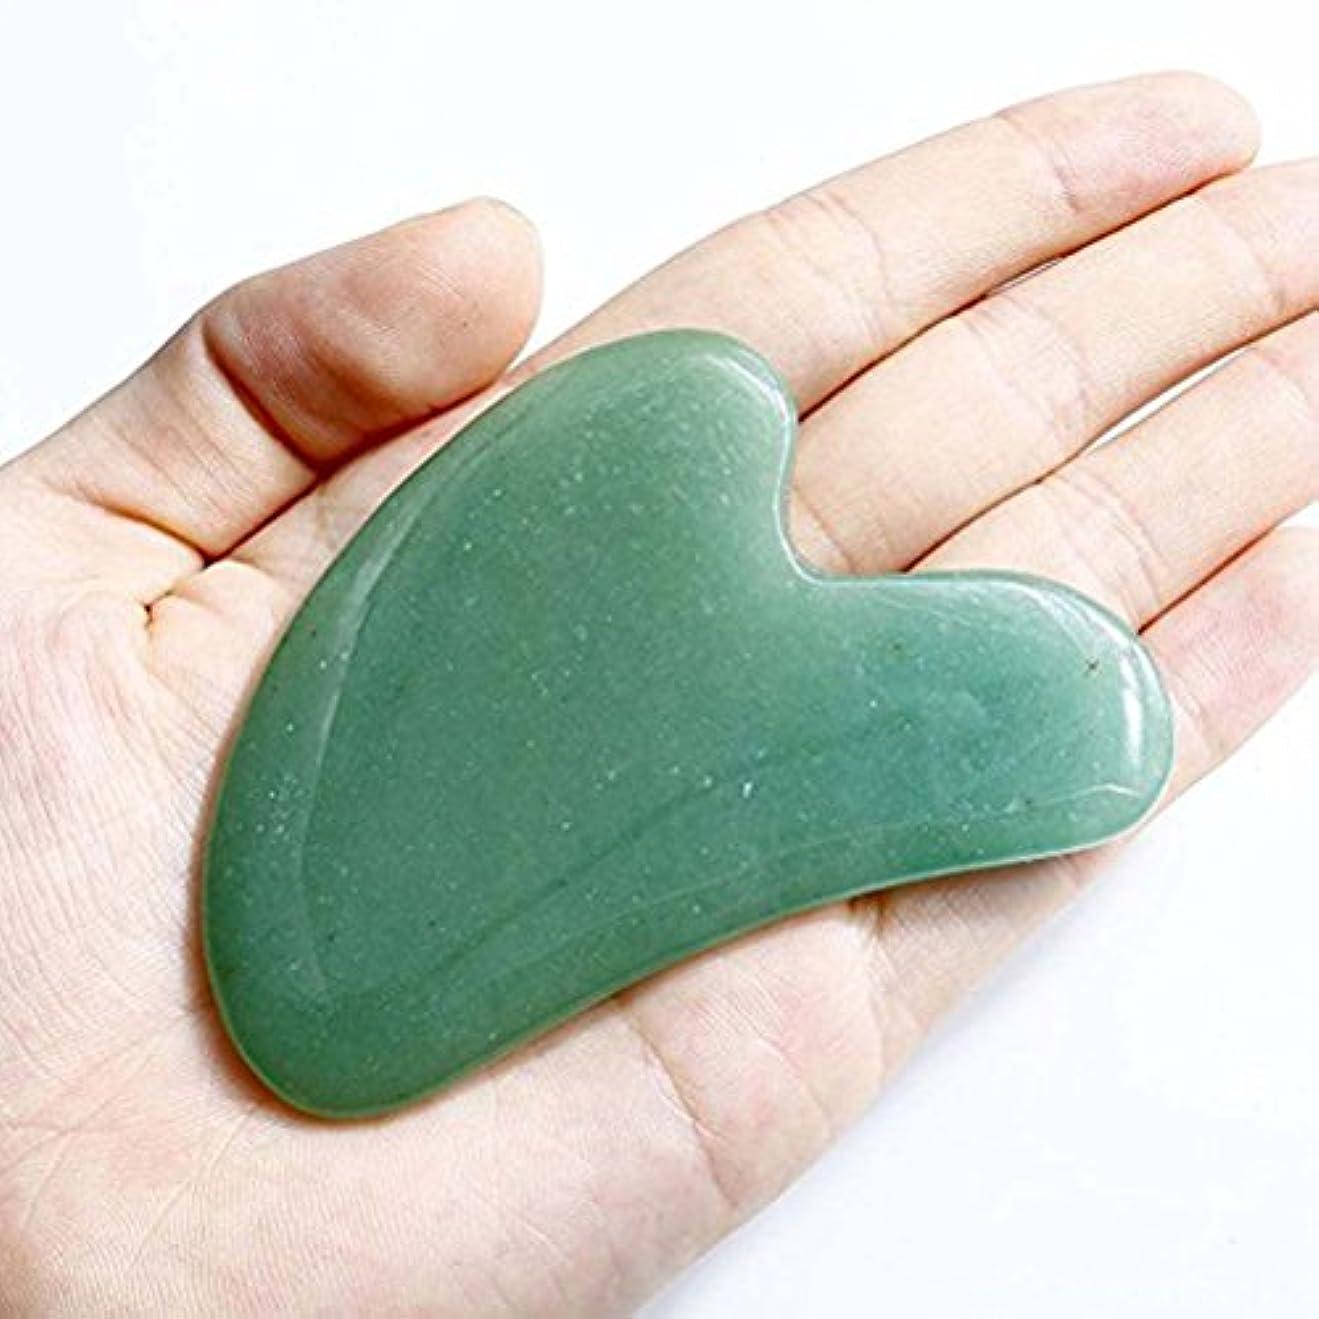 鬼ごっこ不適昆虫Echo & Kern Face / Body Massage Green Aventurine heart shape ハート形状かっさプレート 天然石 翡翠色(顔?ボディのリンパマッサージ) (かっさプレートH)